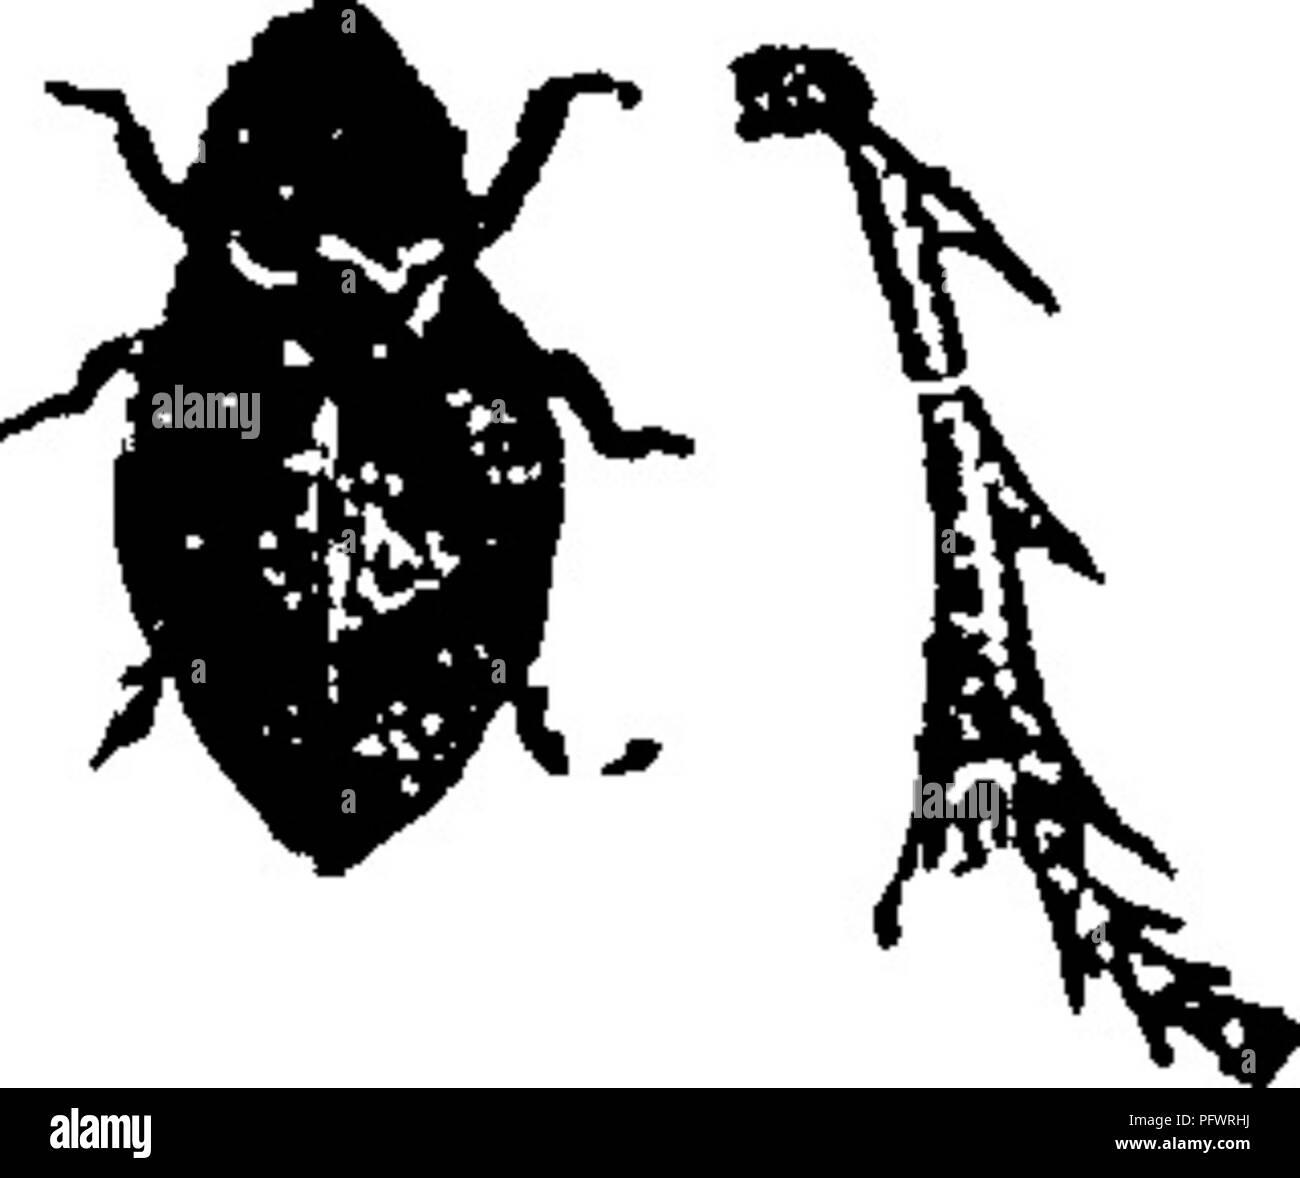 . Ein Handbuch für die Untersuchung von Insekten. Insekten. HEMIPTERA. 153 der Haut ist. Die erwachsenen Insekten umher auf Gräsern und Bäumen. Sie haben die Macht, gut springend. Der Name Frosch - Trichter hat zweifellos aus der Tatsache, dass früher der Schaum genannt wurde^* Frosch - Speichel/' und W^als vermeintliche durch Baum storniert zu haben - Frösche aus ihrem Mund gewachsen. Der Name ist jedoch nicht unangebracht, für die Breite und Form unserer mehr gemeinsame Arten ist so etwas wie ein Frosch. In dieser Familie die Antennen sind vor und zwischen den Augen eingefügt, der prothorax ist nicht wieder verlängert Stockbild